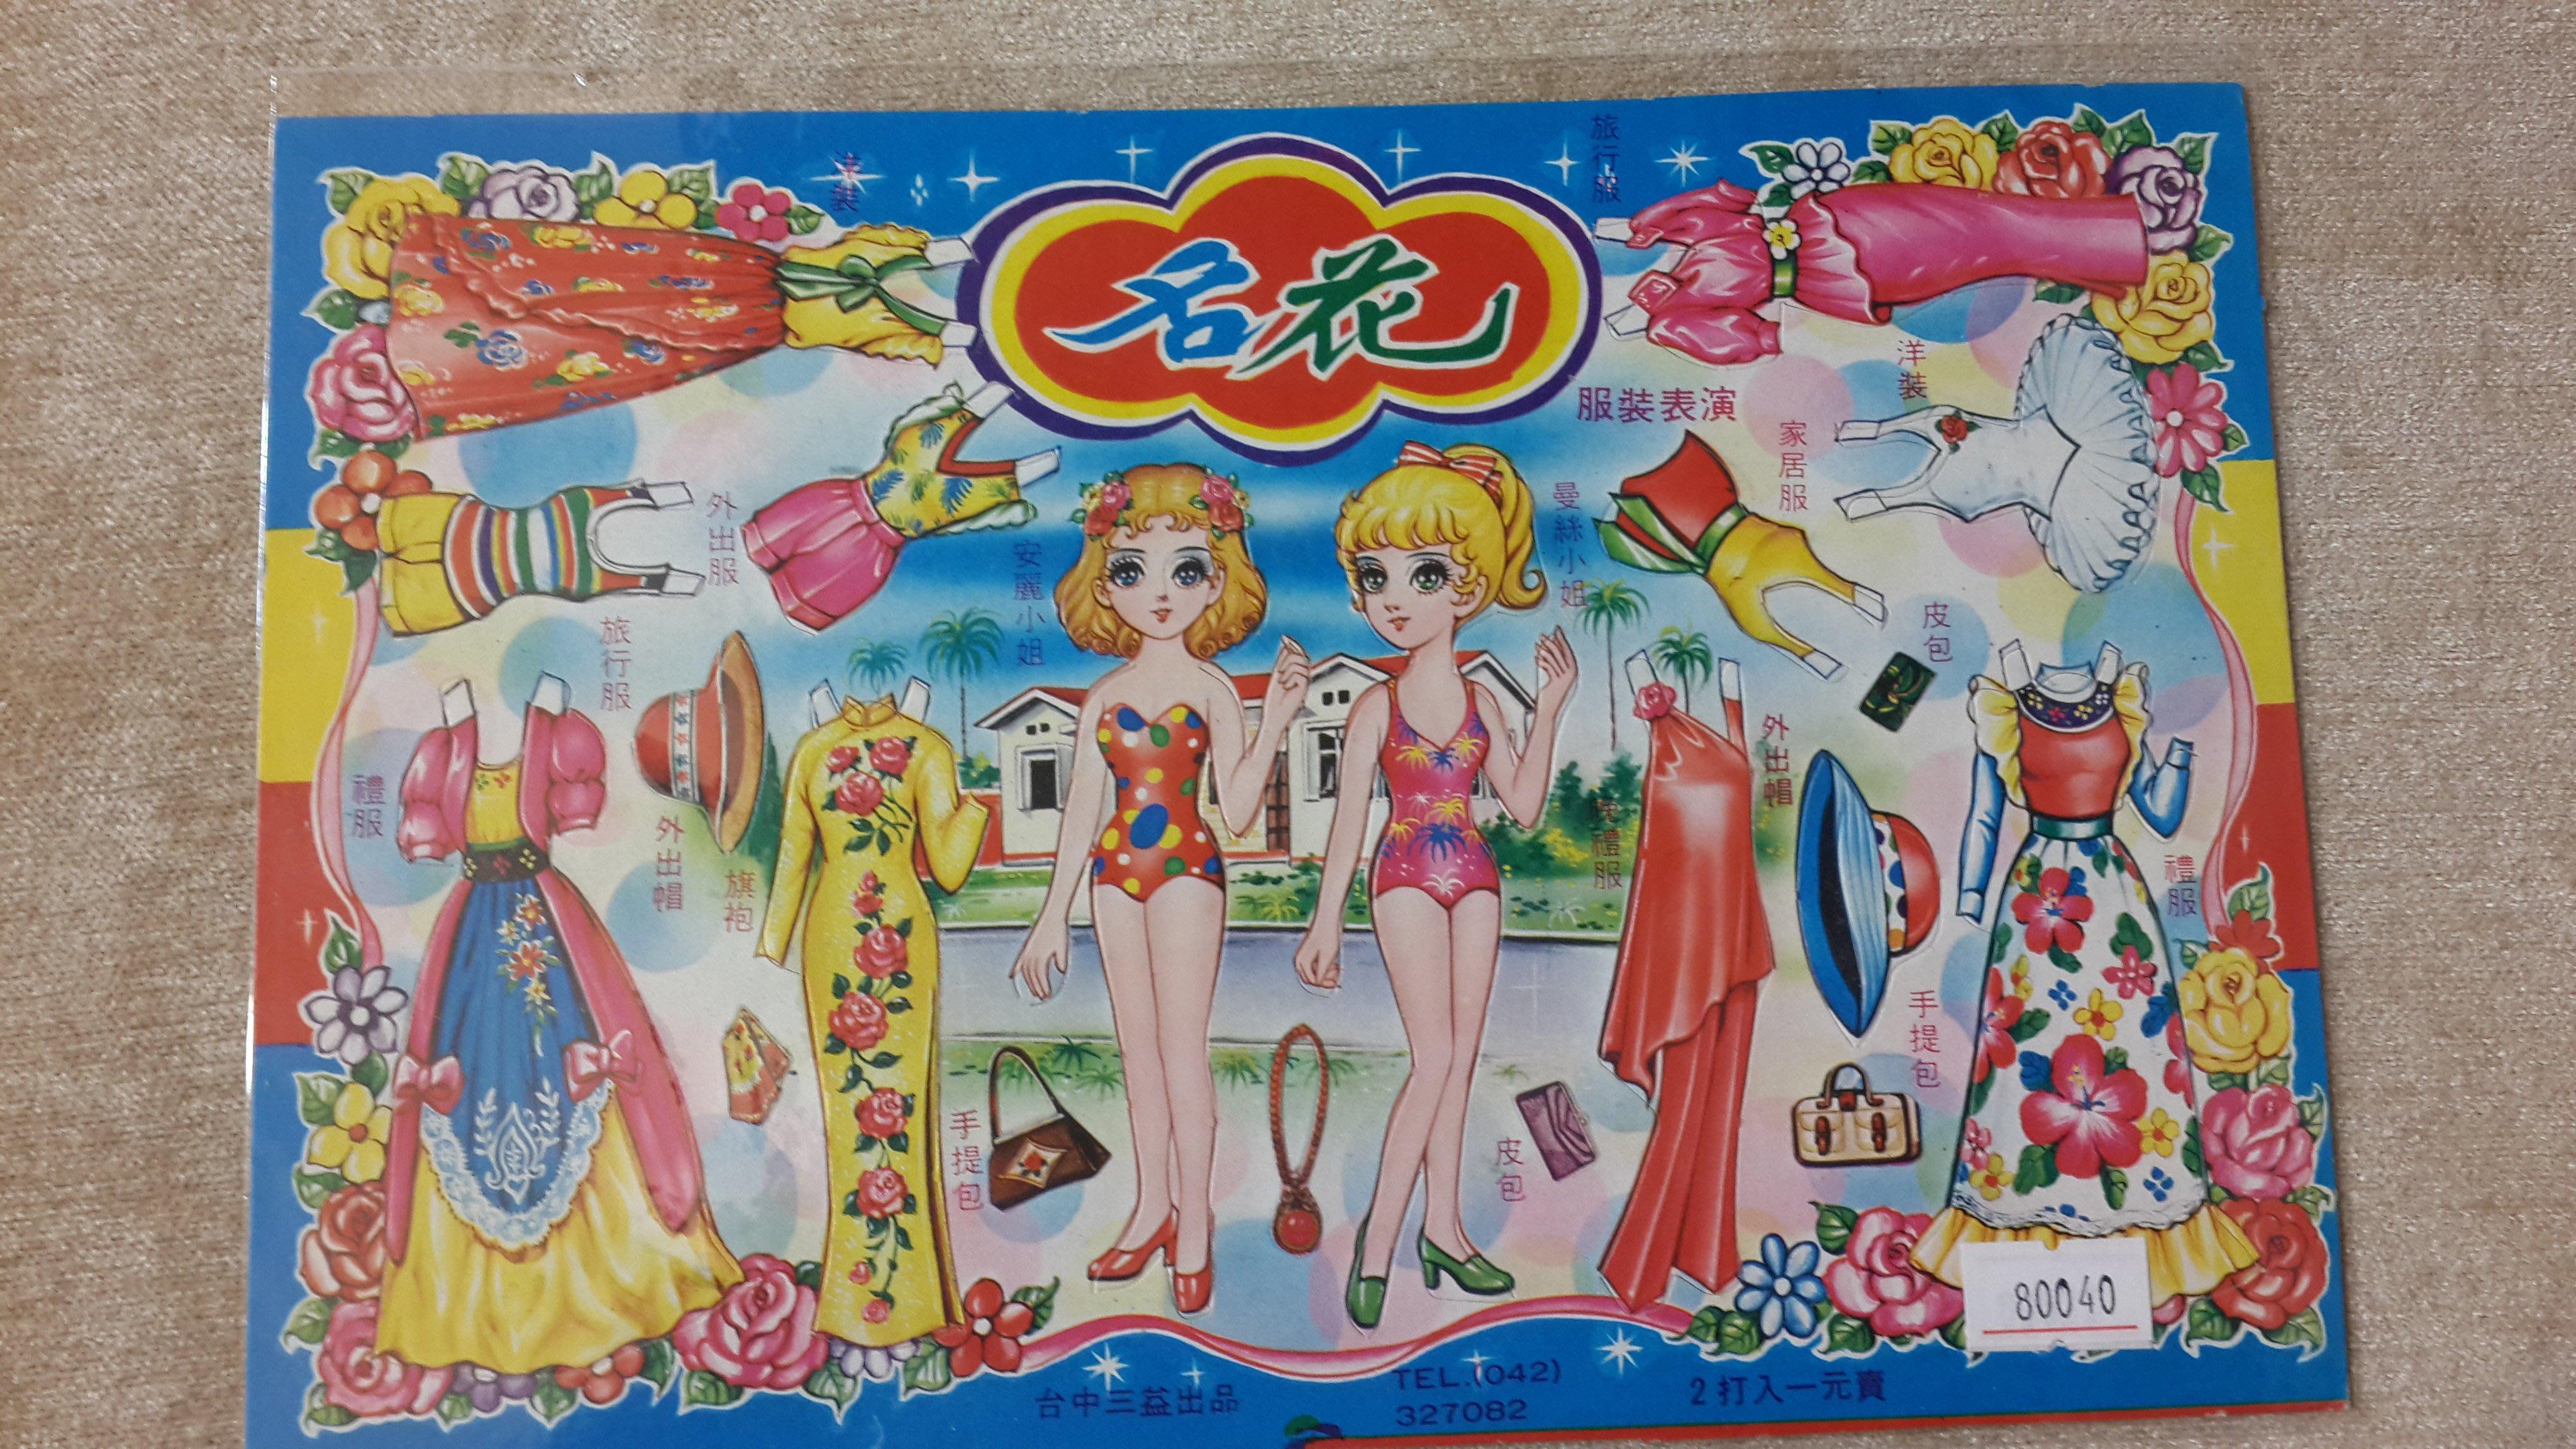 【五六年級童樂會】 早期絕版懷舊童玩紙娃娃 服裝表演 名花 (小)80040